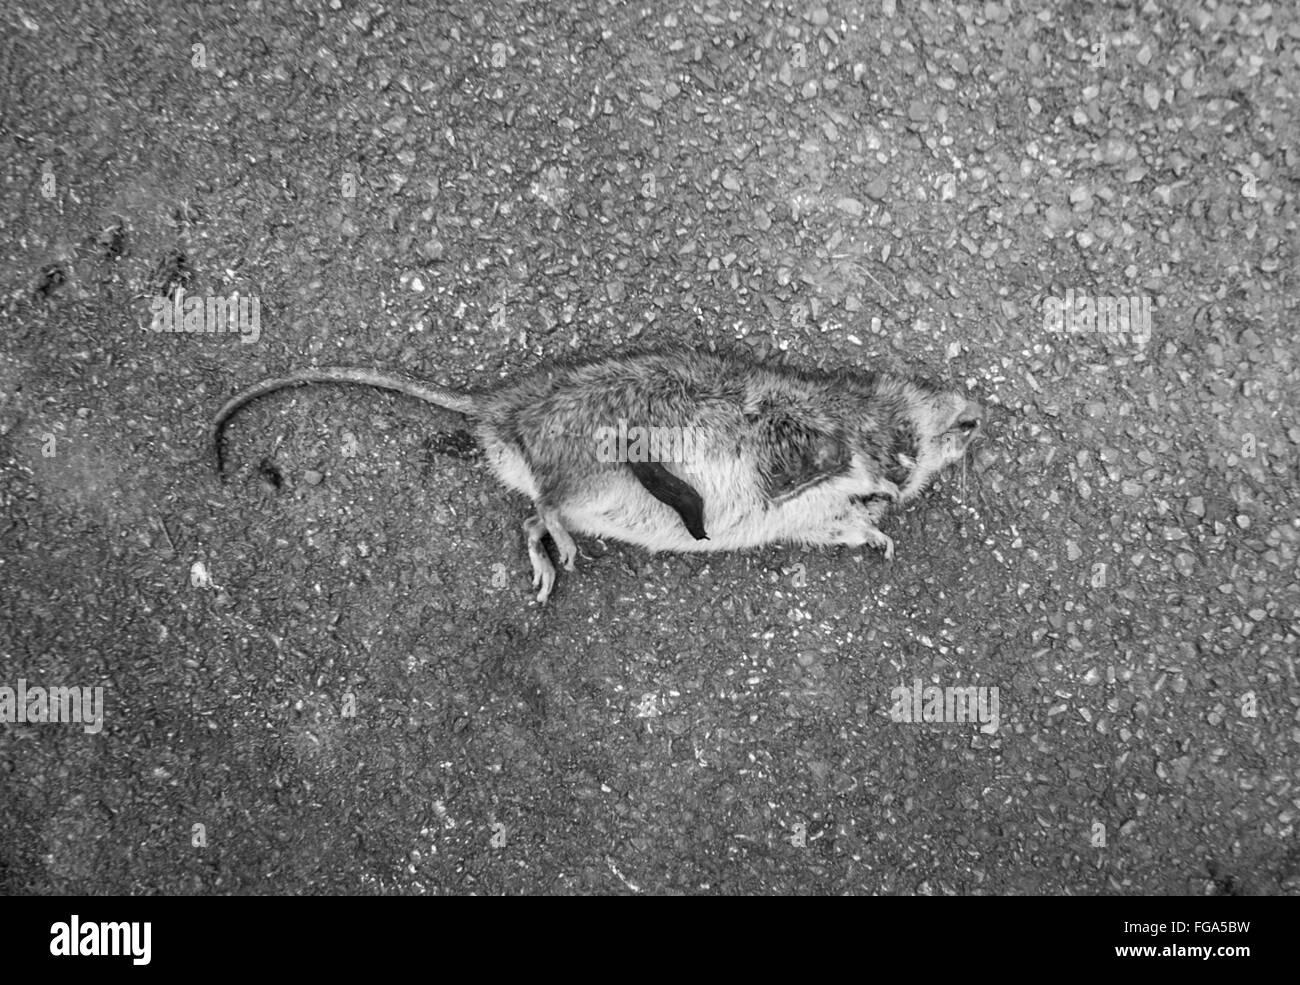 Un alto ángulo de visualización de rata muerta en la calle Imagen De Stock